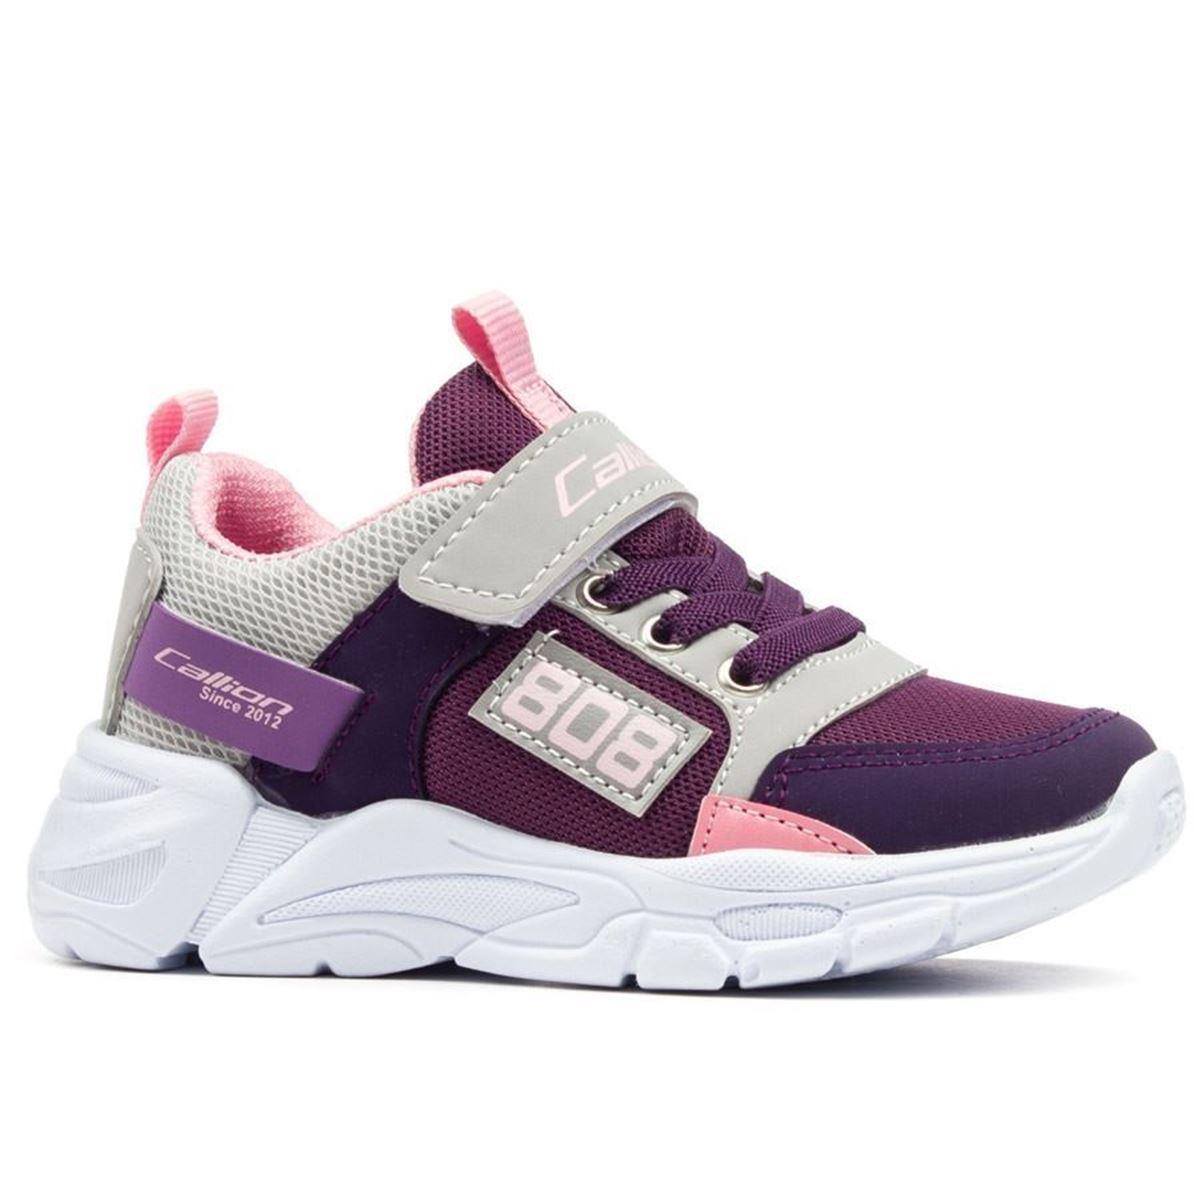 808 Callion Filet Çocuk Spor Ayakkabı Poliüretan Taban resmi